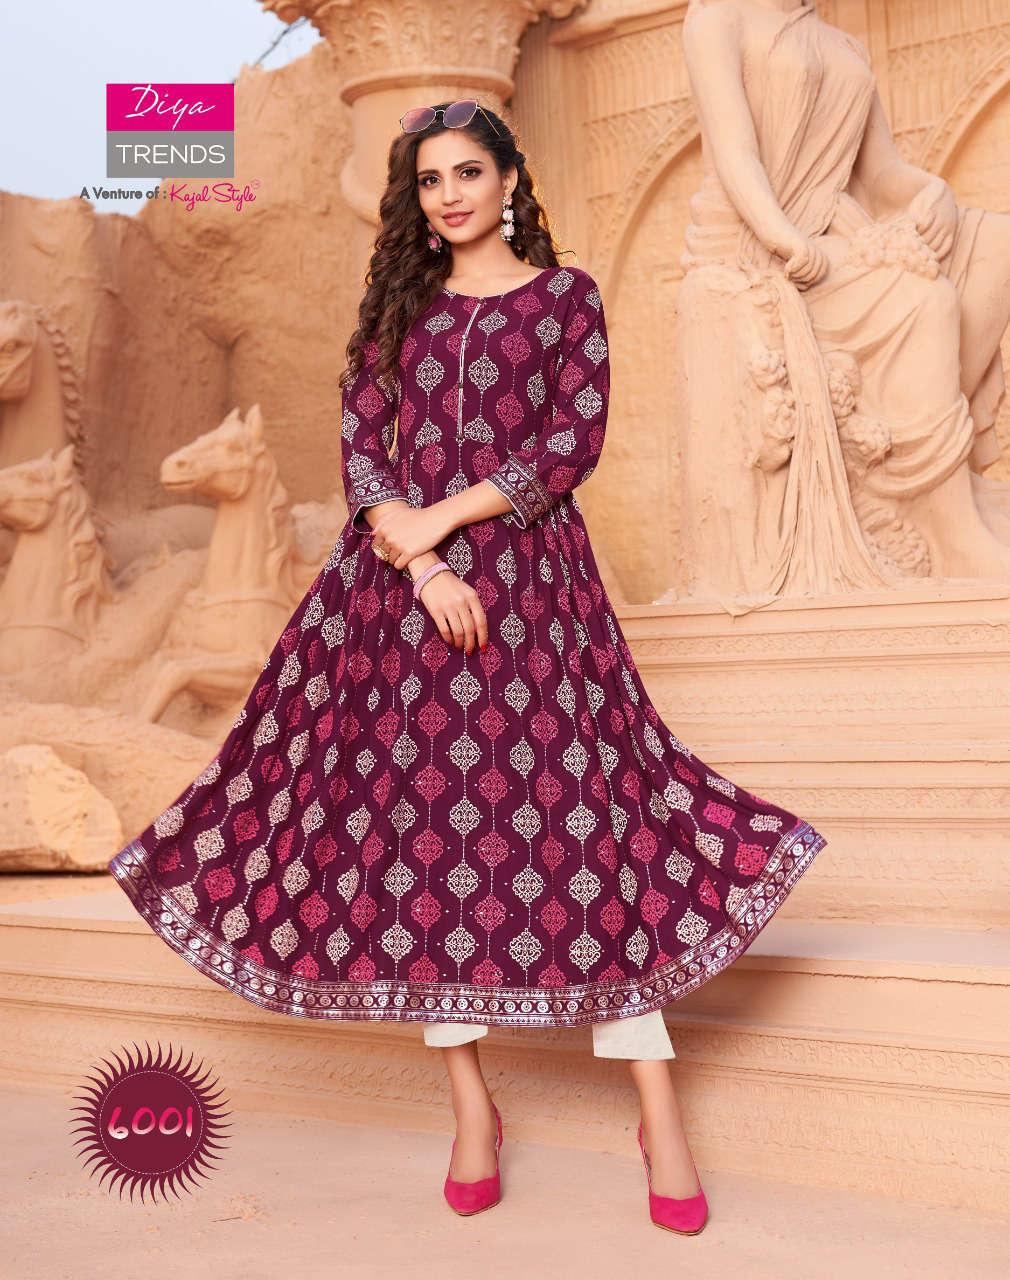 Diya Trends Ethnicity Vol 6 by Kajal Style Kurti Wholesale Catalog 10 Pcs 2 - Diya Trends Ethnicity Vol 6 by Kajal Style Kurti Wholesale Catalog 10 Pcs